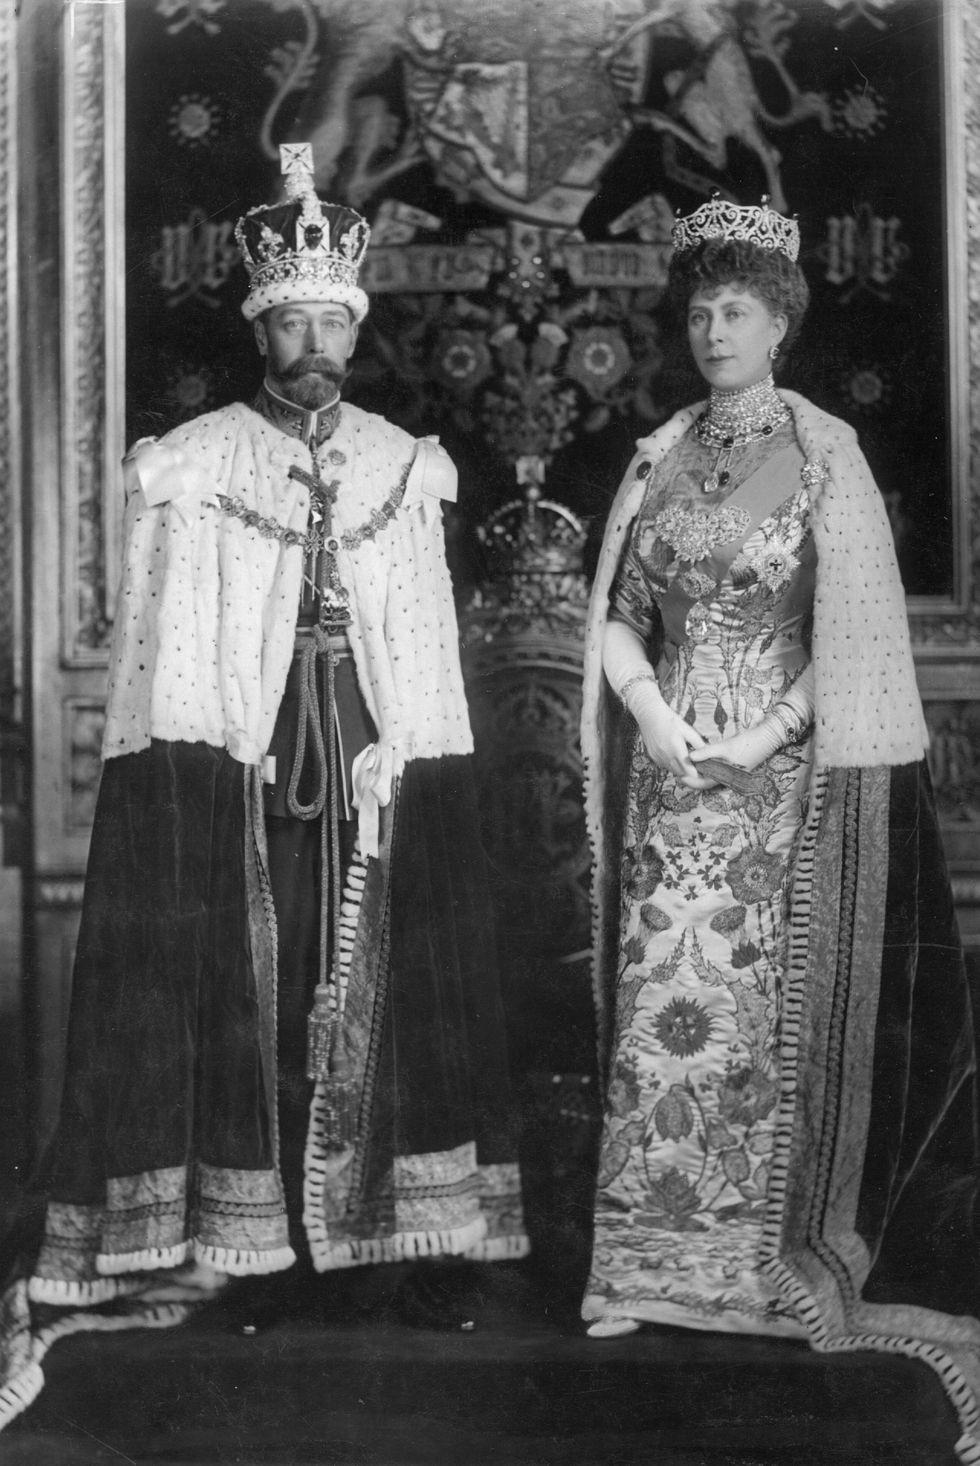 Xem 25 bức ảnh chân dung của Hoàng gia Anh, bạn sẽ hiểu thêm về 8 thế hệ của gia đình quyền lực này - Ảnh 3.